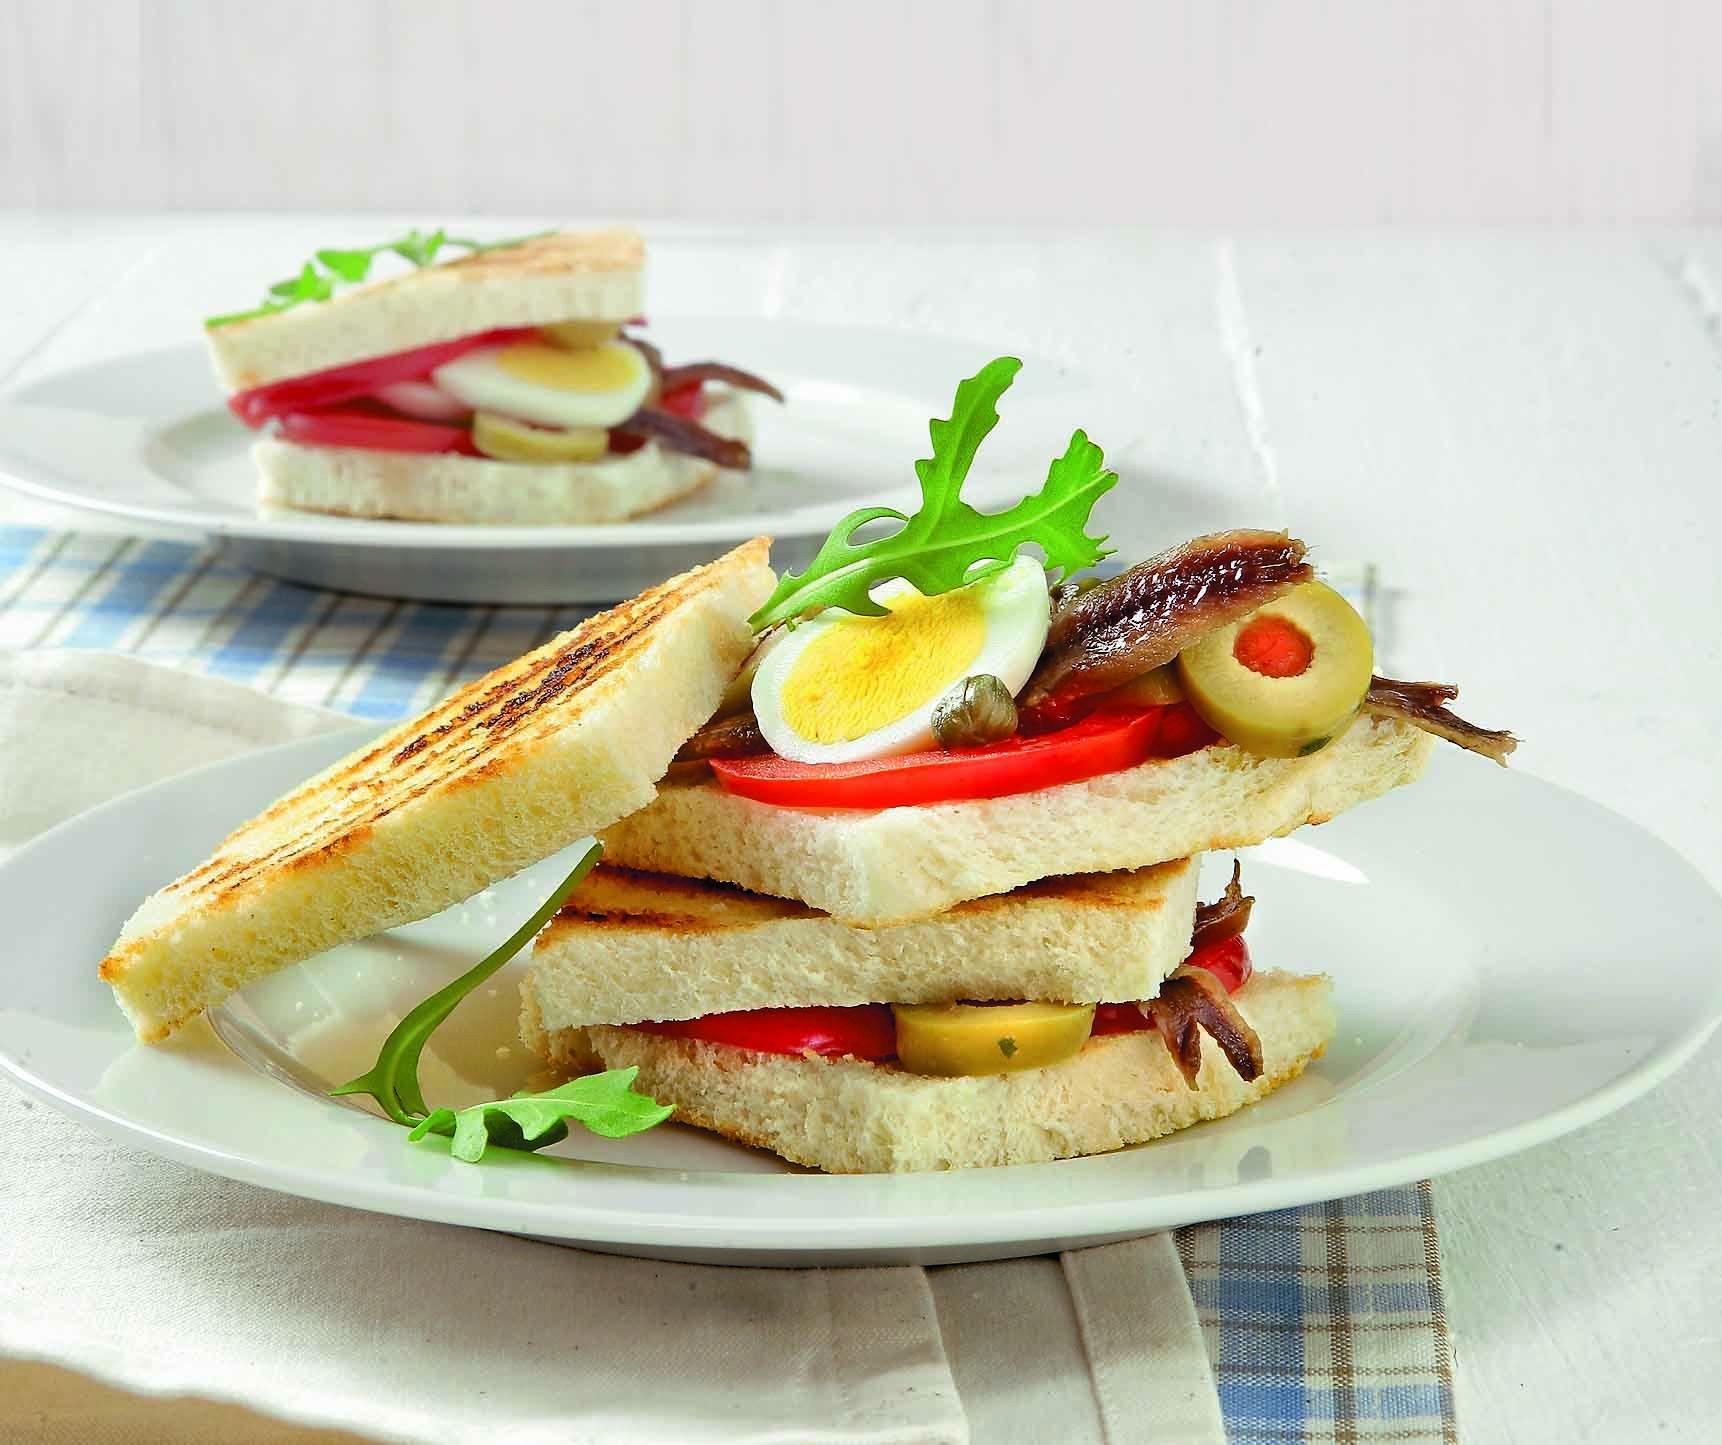 Яйца положить в кастрюлю и залить водой так, чтобы она их покрыла. Довести до кипения и отварить яйца вкрутую (9мин). Вареные яйца ополоснуть холодной водой. С ломтиков хлеба для тостов...